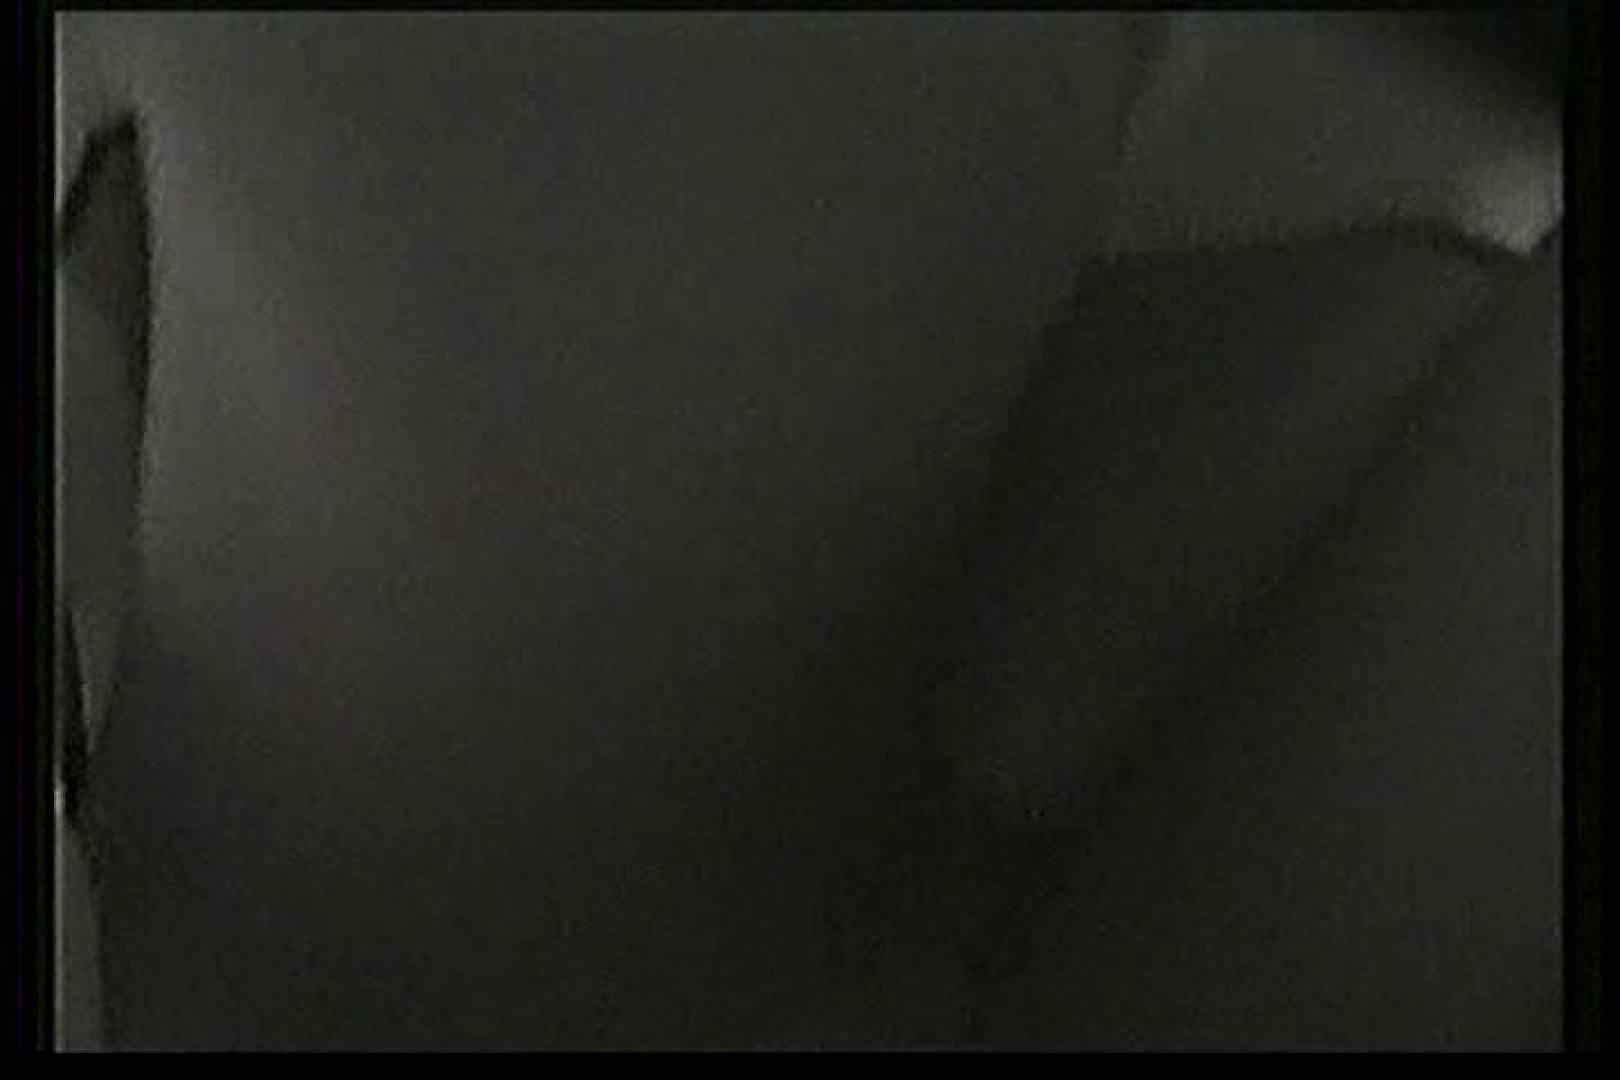 院内密着!看護婦達の下半身事情Vol.2 パンチラのぞき エロ無料画像 79画像 16